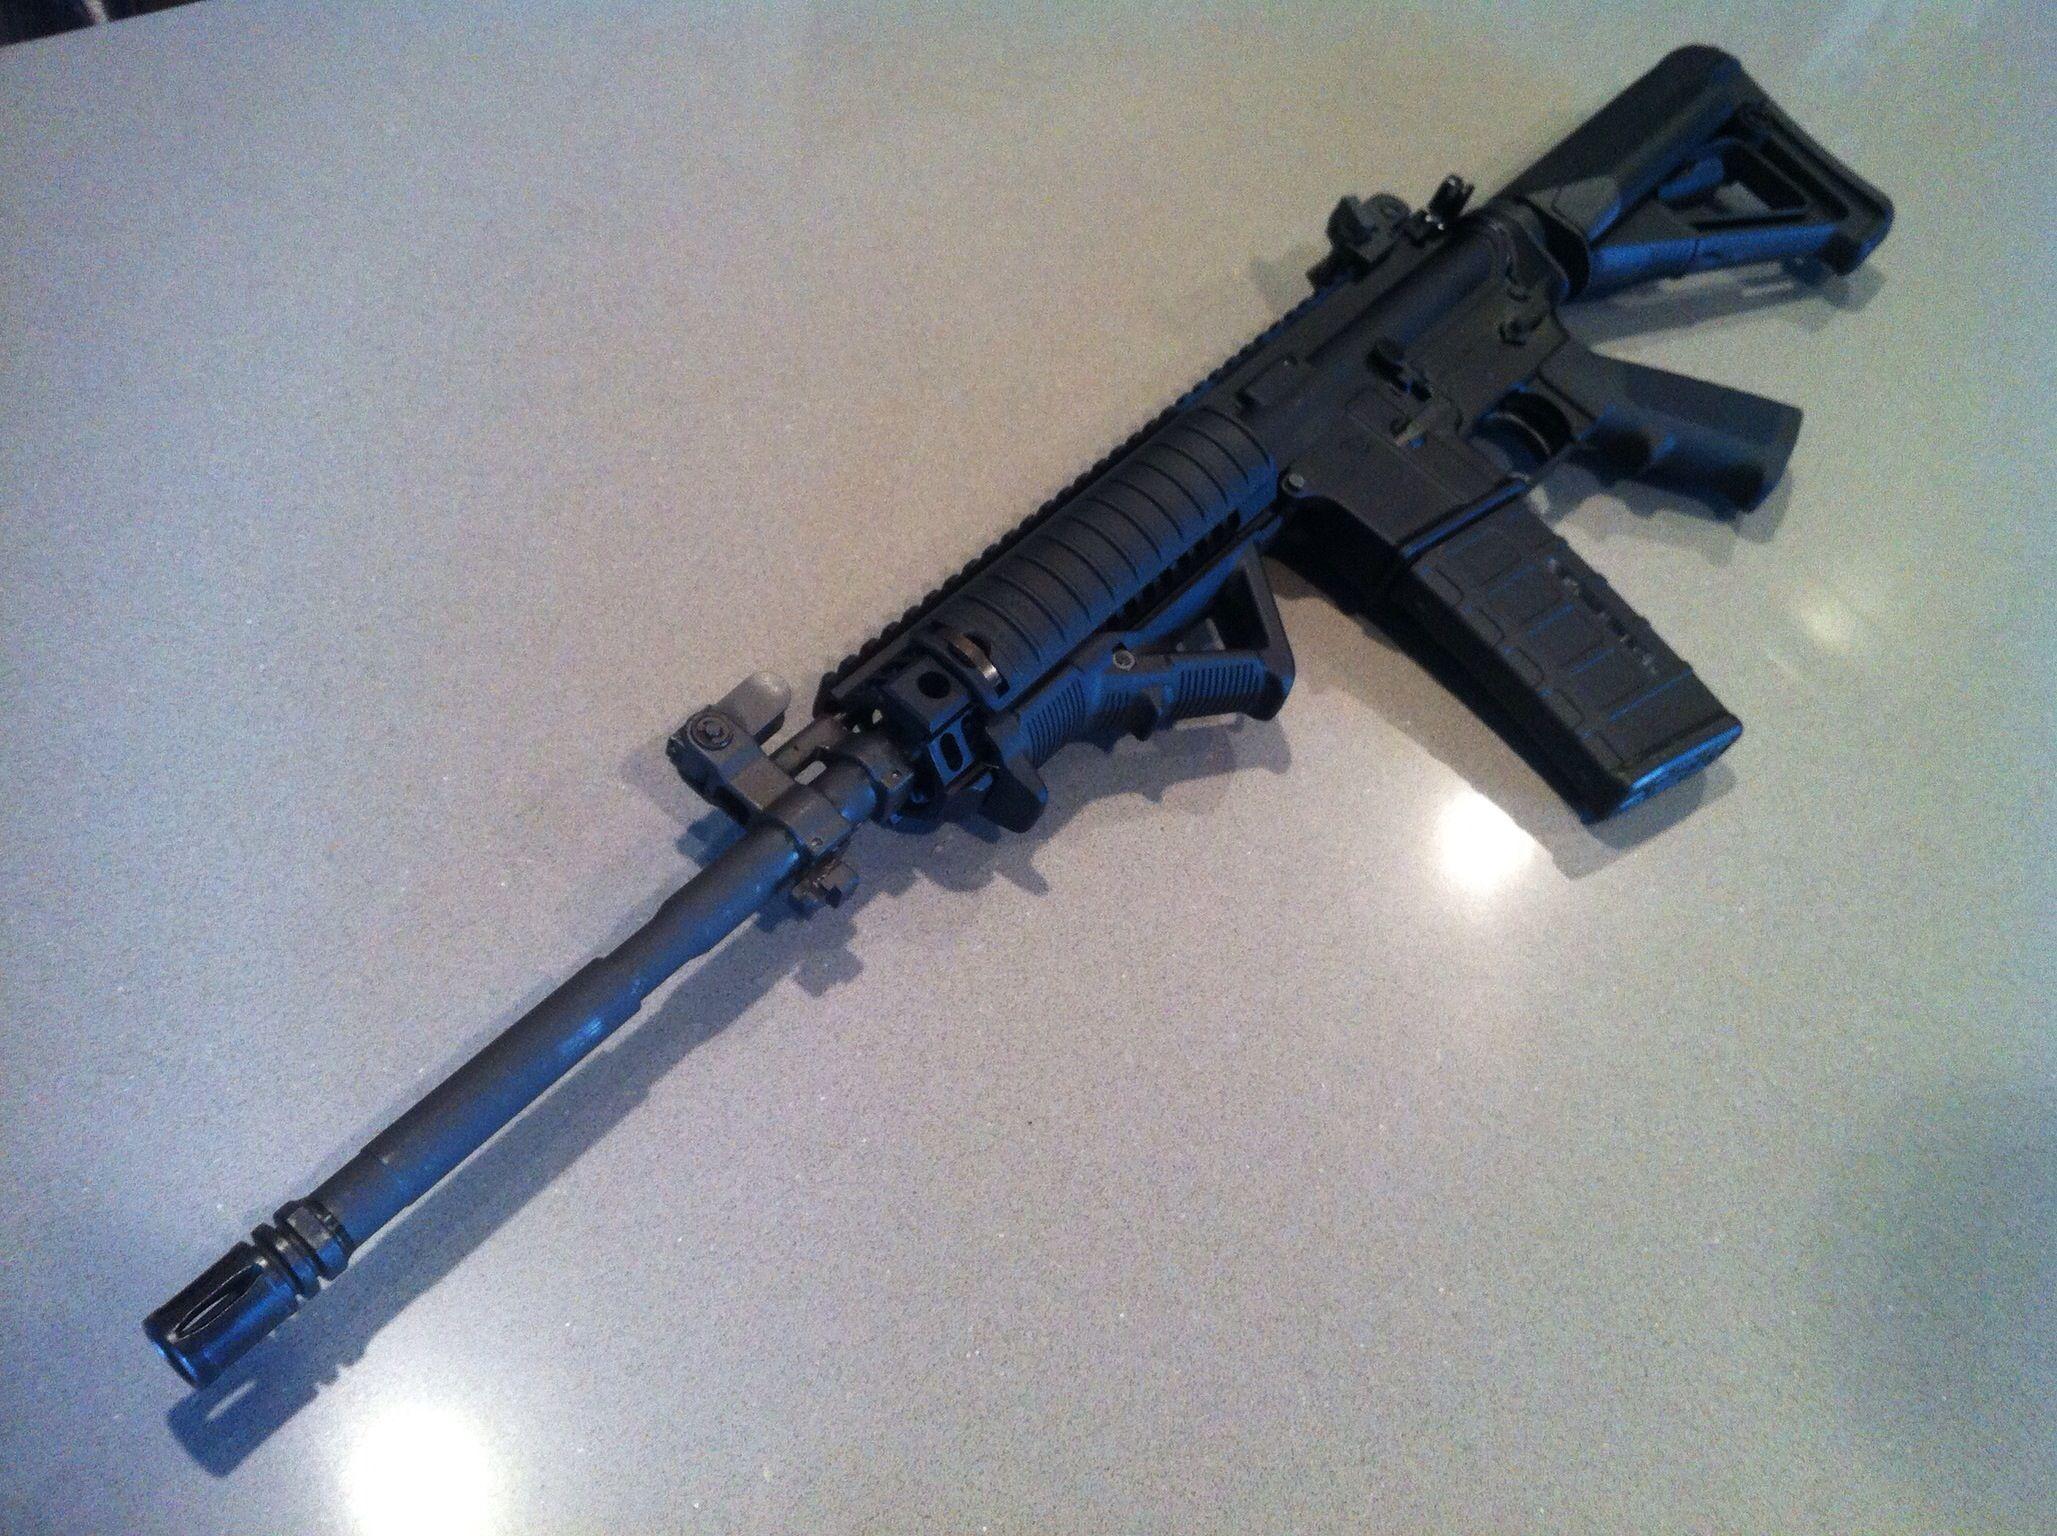 Colt AR Magpul'd out!